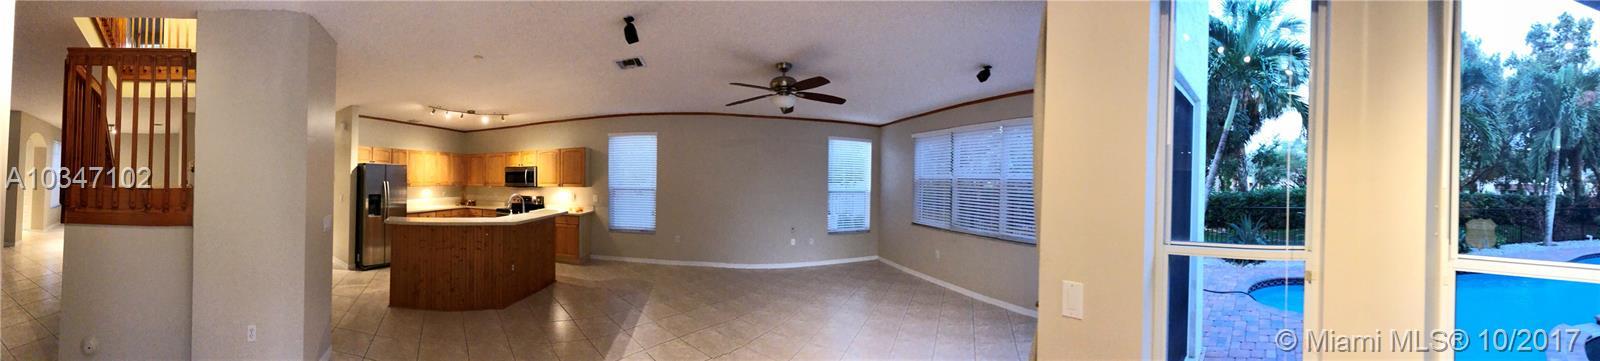 15553 SW 25th St, Miramar , FL 33027